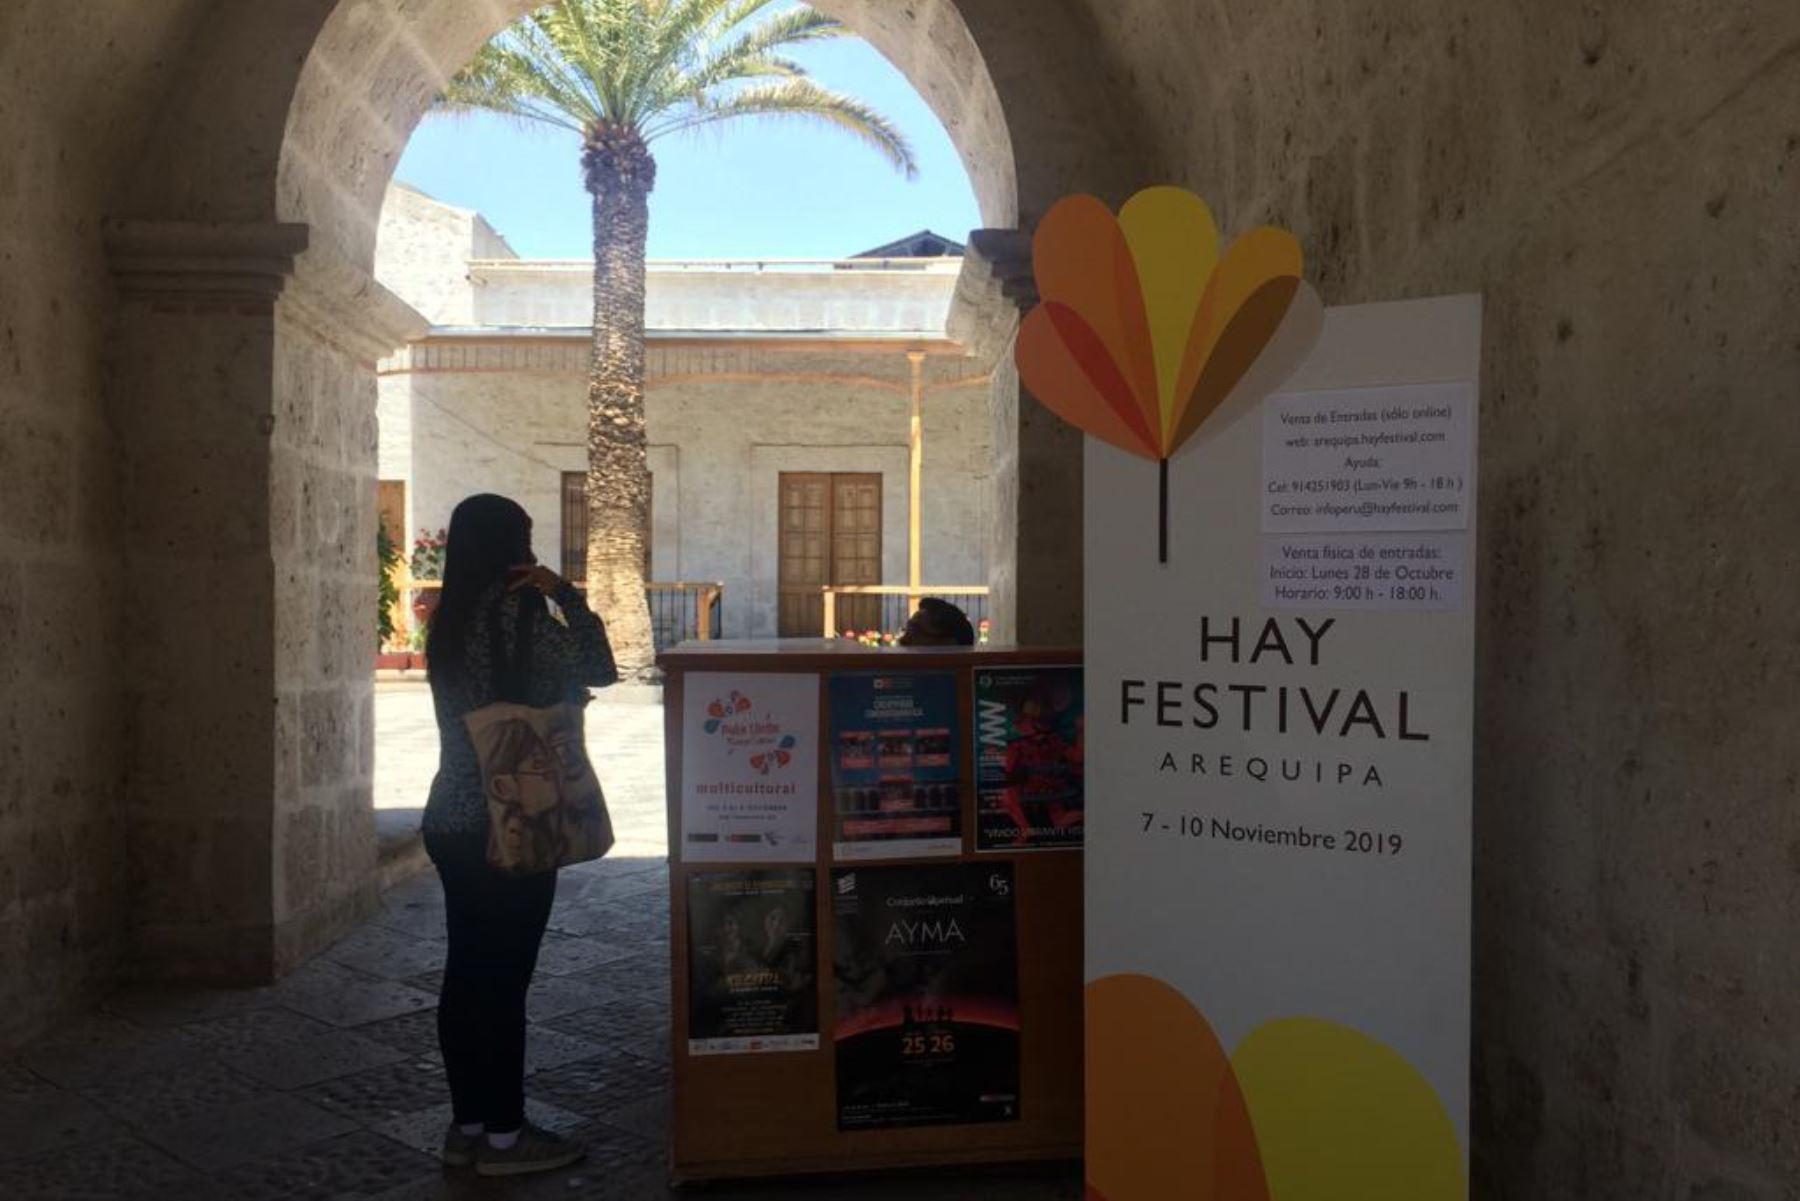 La venta física de entradas para los eventos del Hay Festival Arequipa 2019 se hará en la Biblioteca Personal de Mario Vargas Llosa. Foto: ANDINA/Rocío Méndez